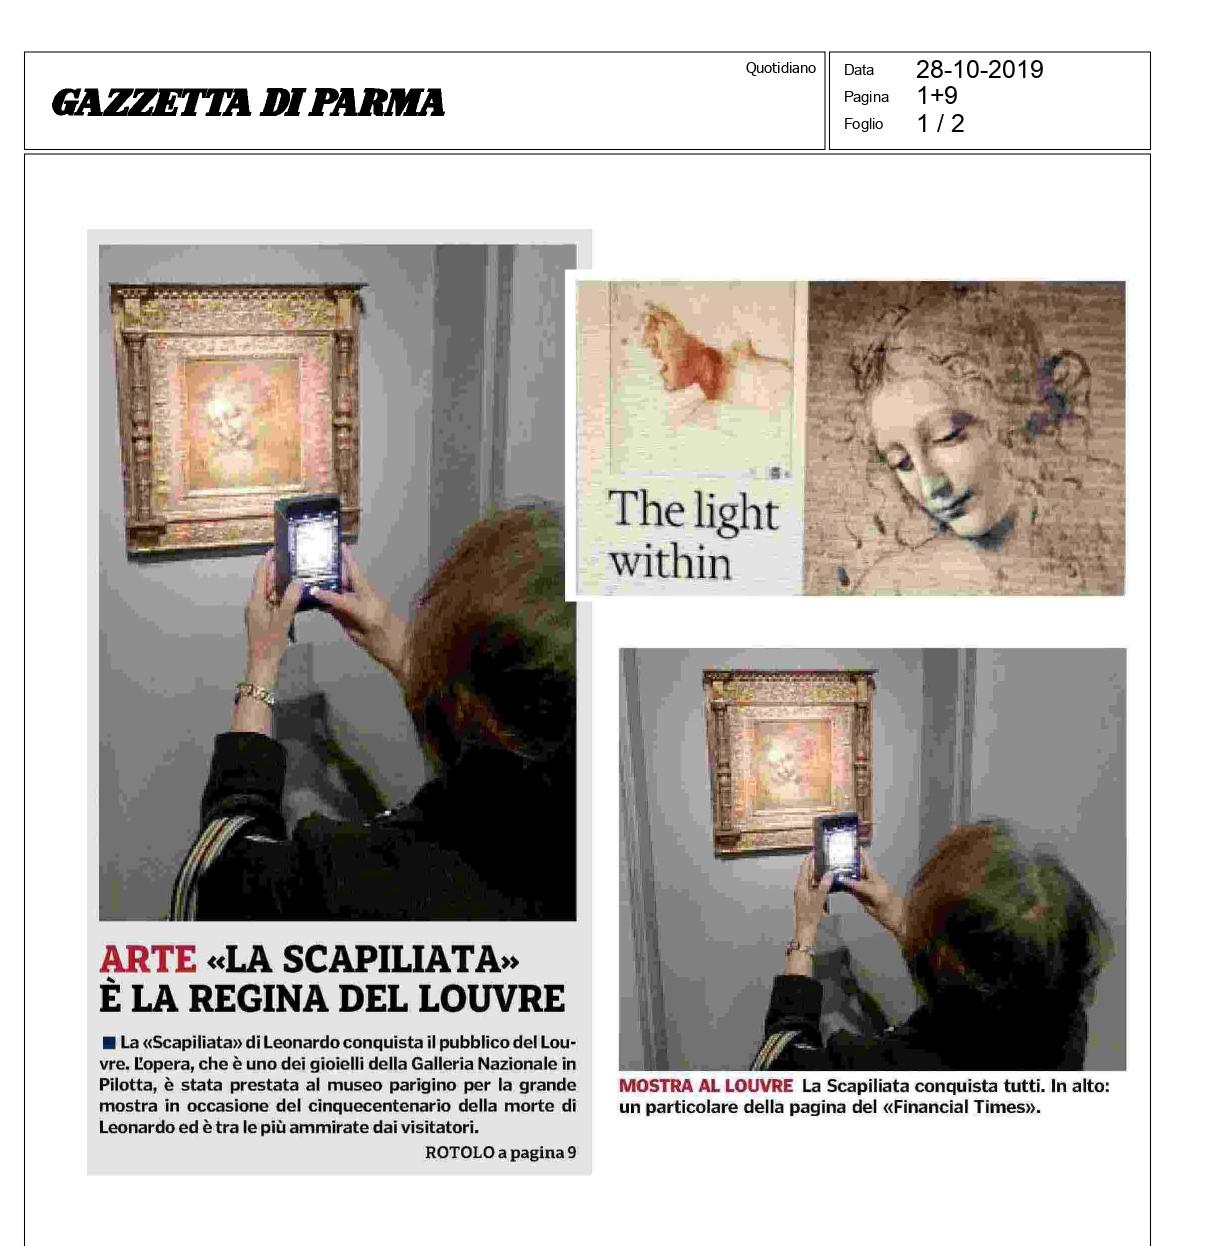 La Scapiliata stupisce e conquista il pubblico al Louvre